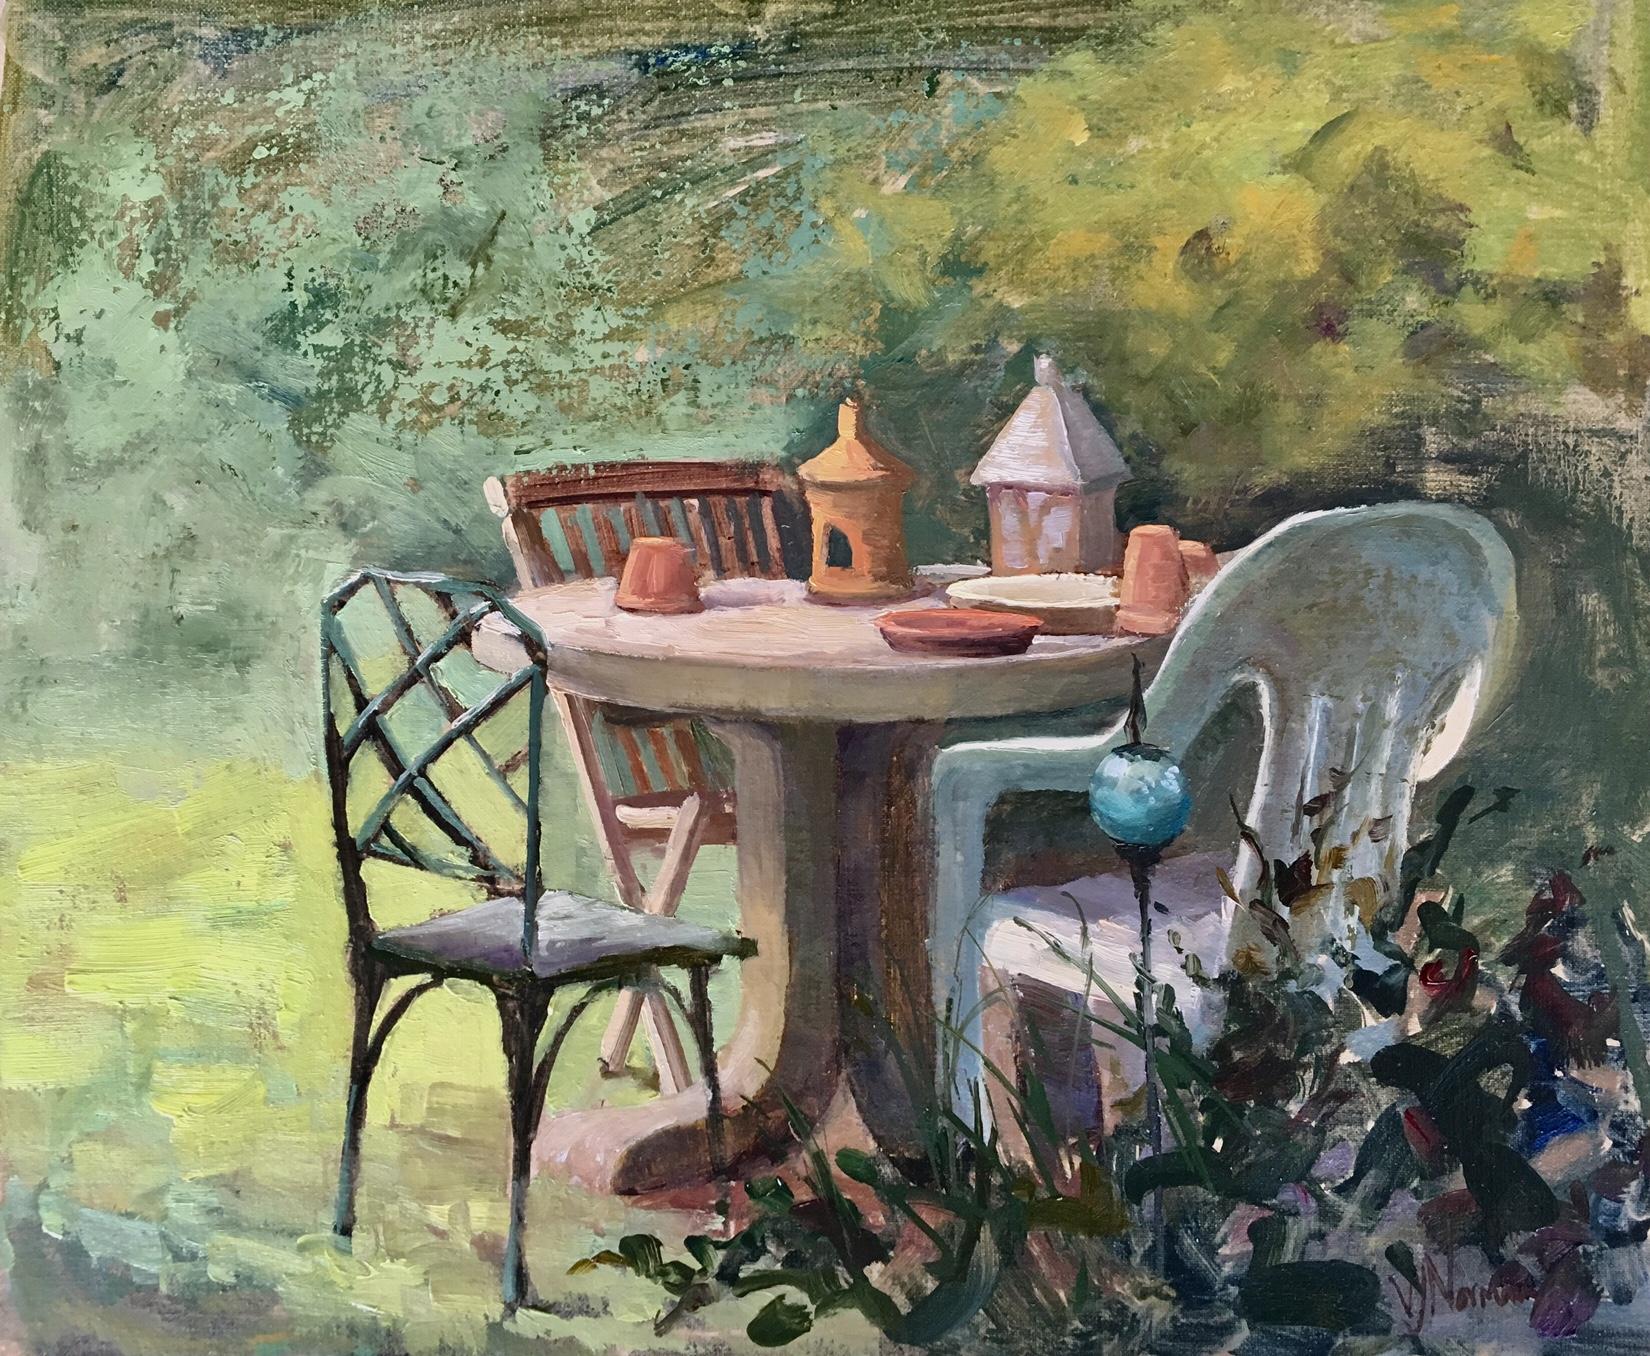 Garden mementoes